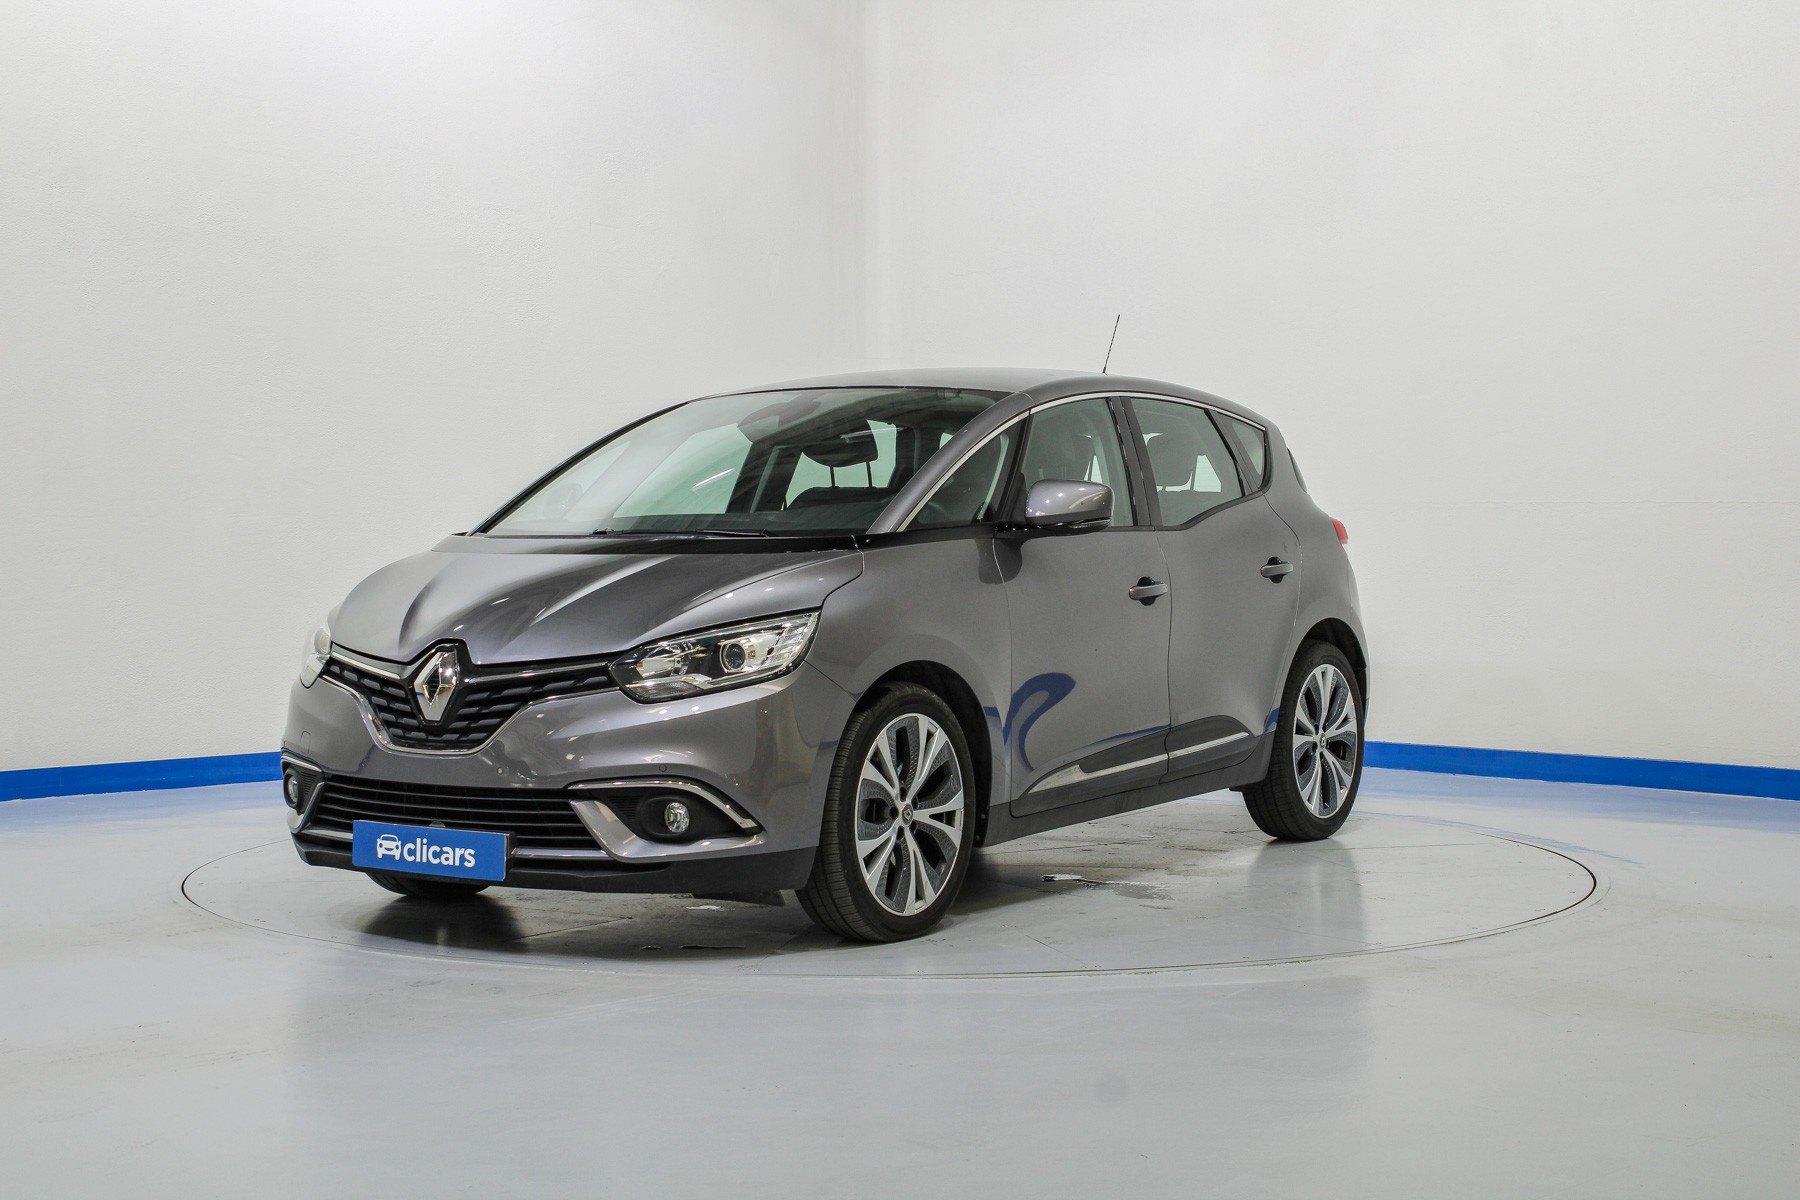 Renault Scénic Diésel Zen Energy dCi 81kW (110CV) 1